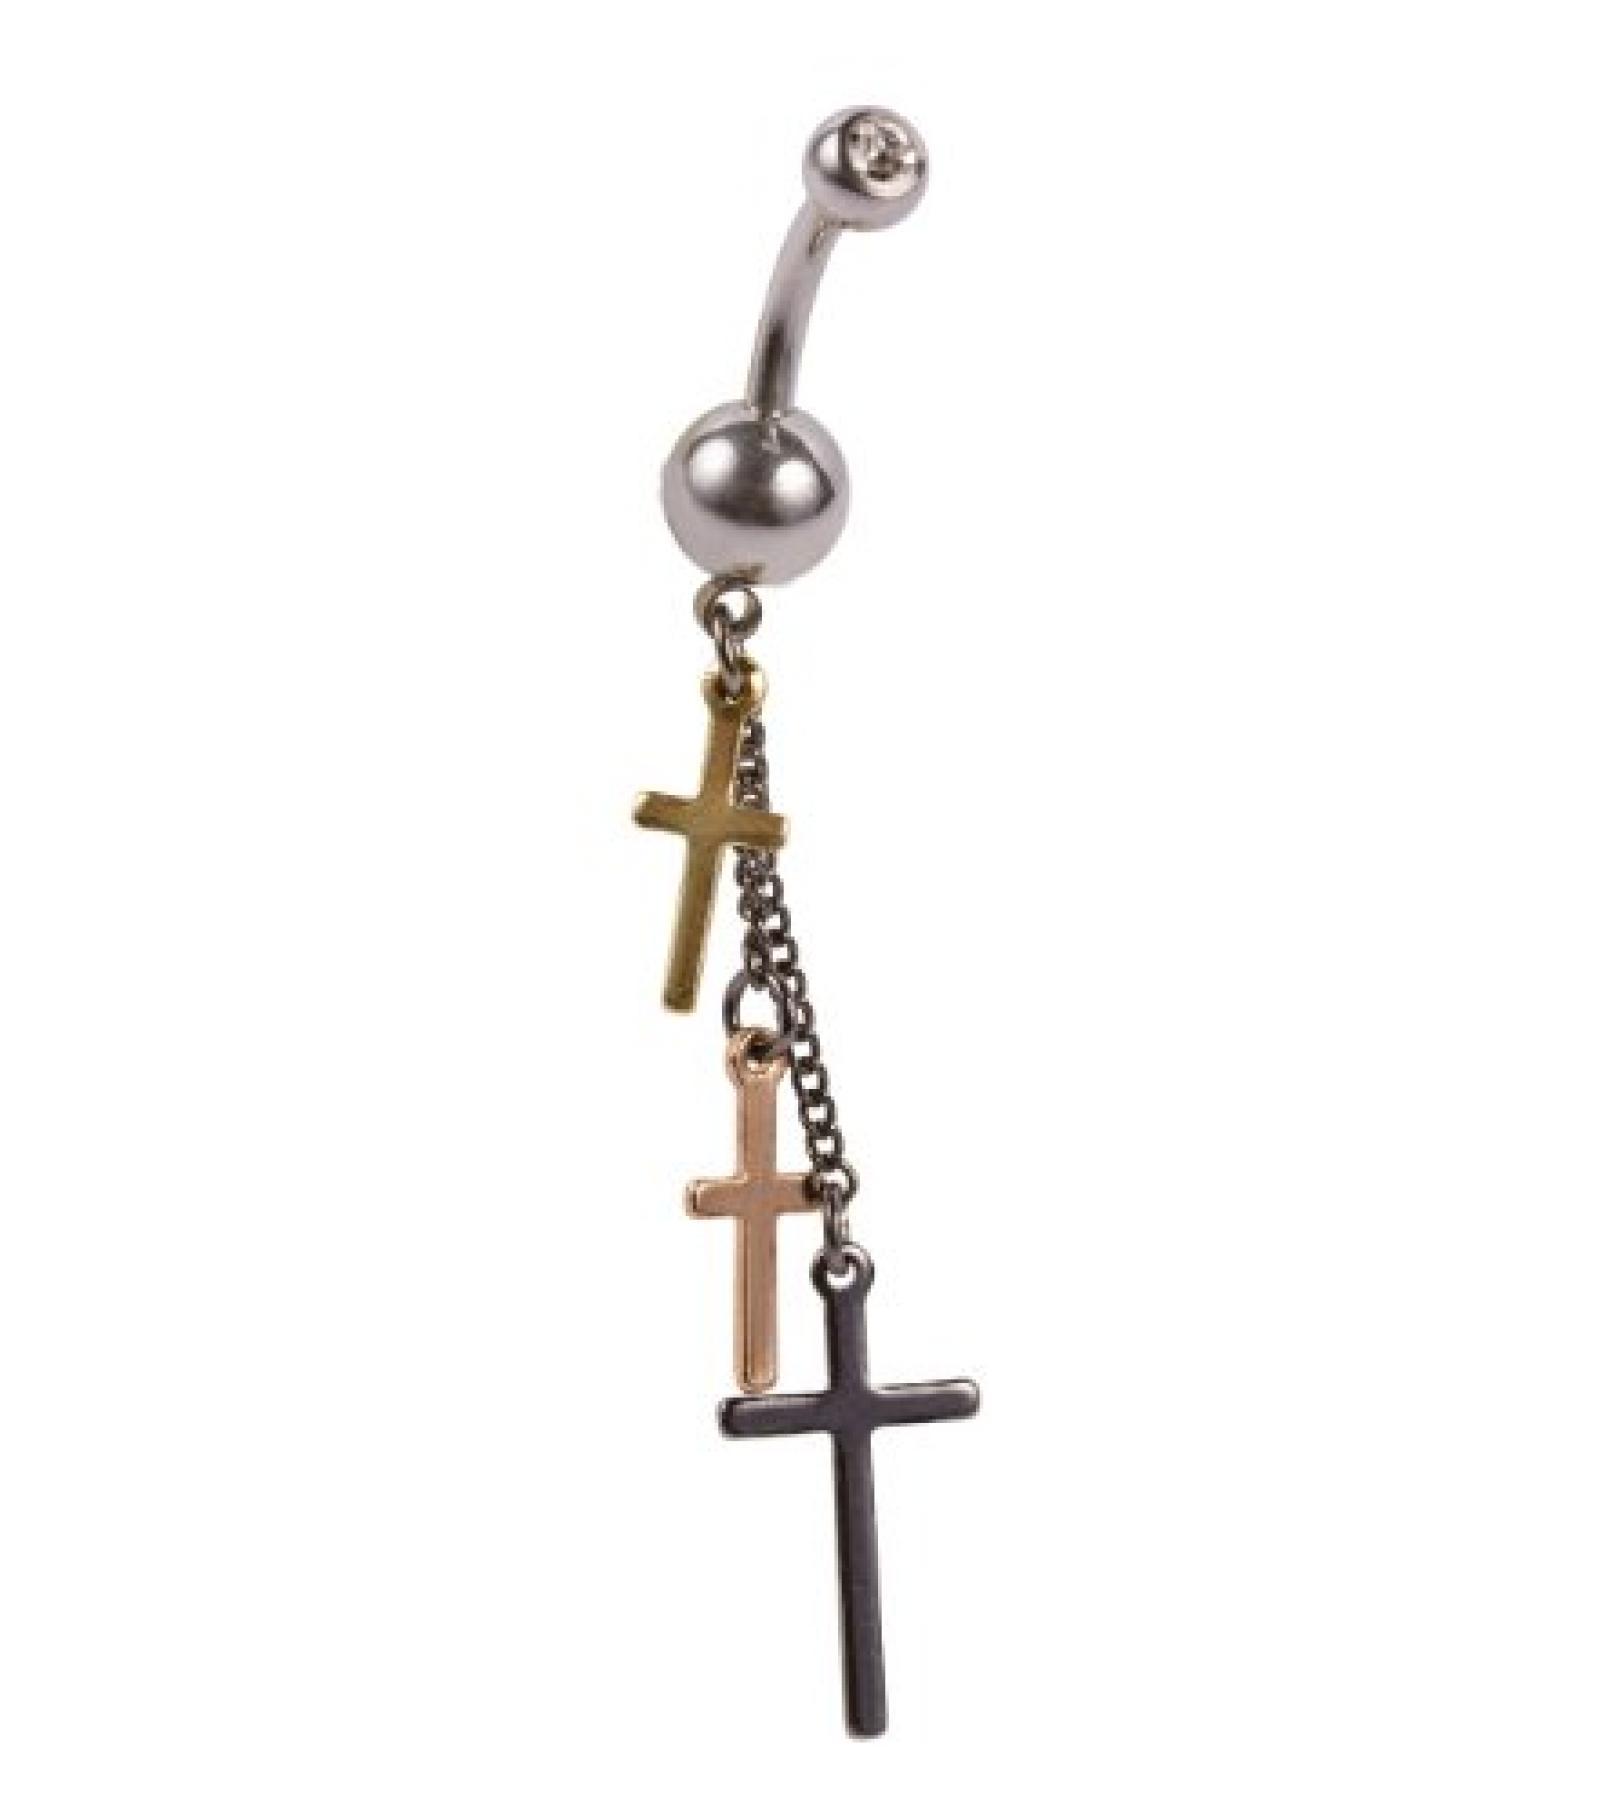 SIX silbernes Bauchnabel-Piercing mit drei gold grauen Kreuzen an Ketten (269-262)